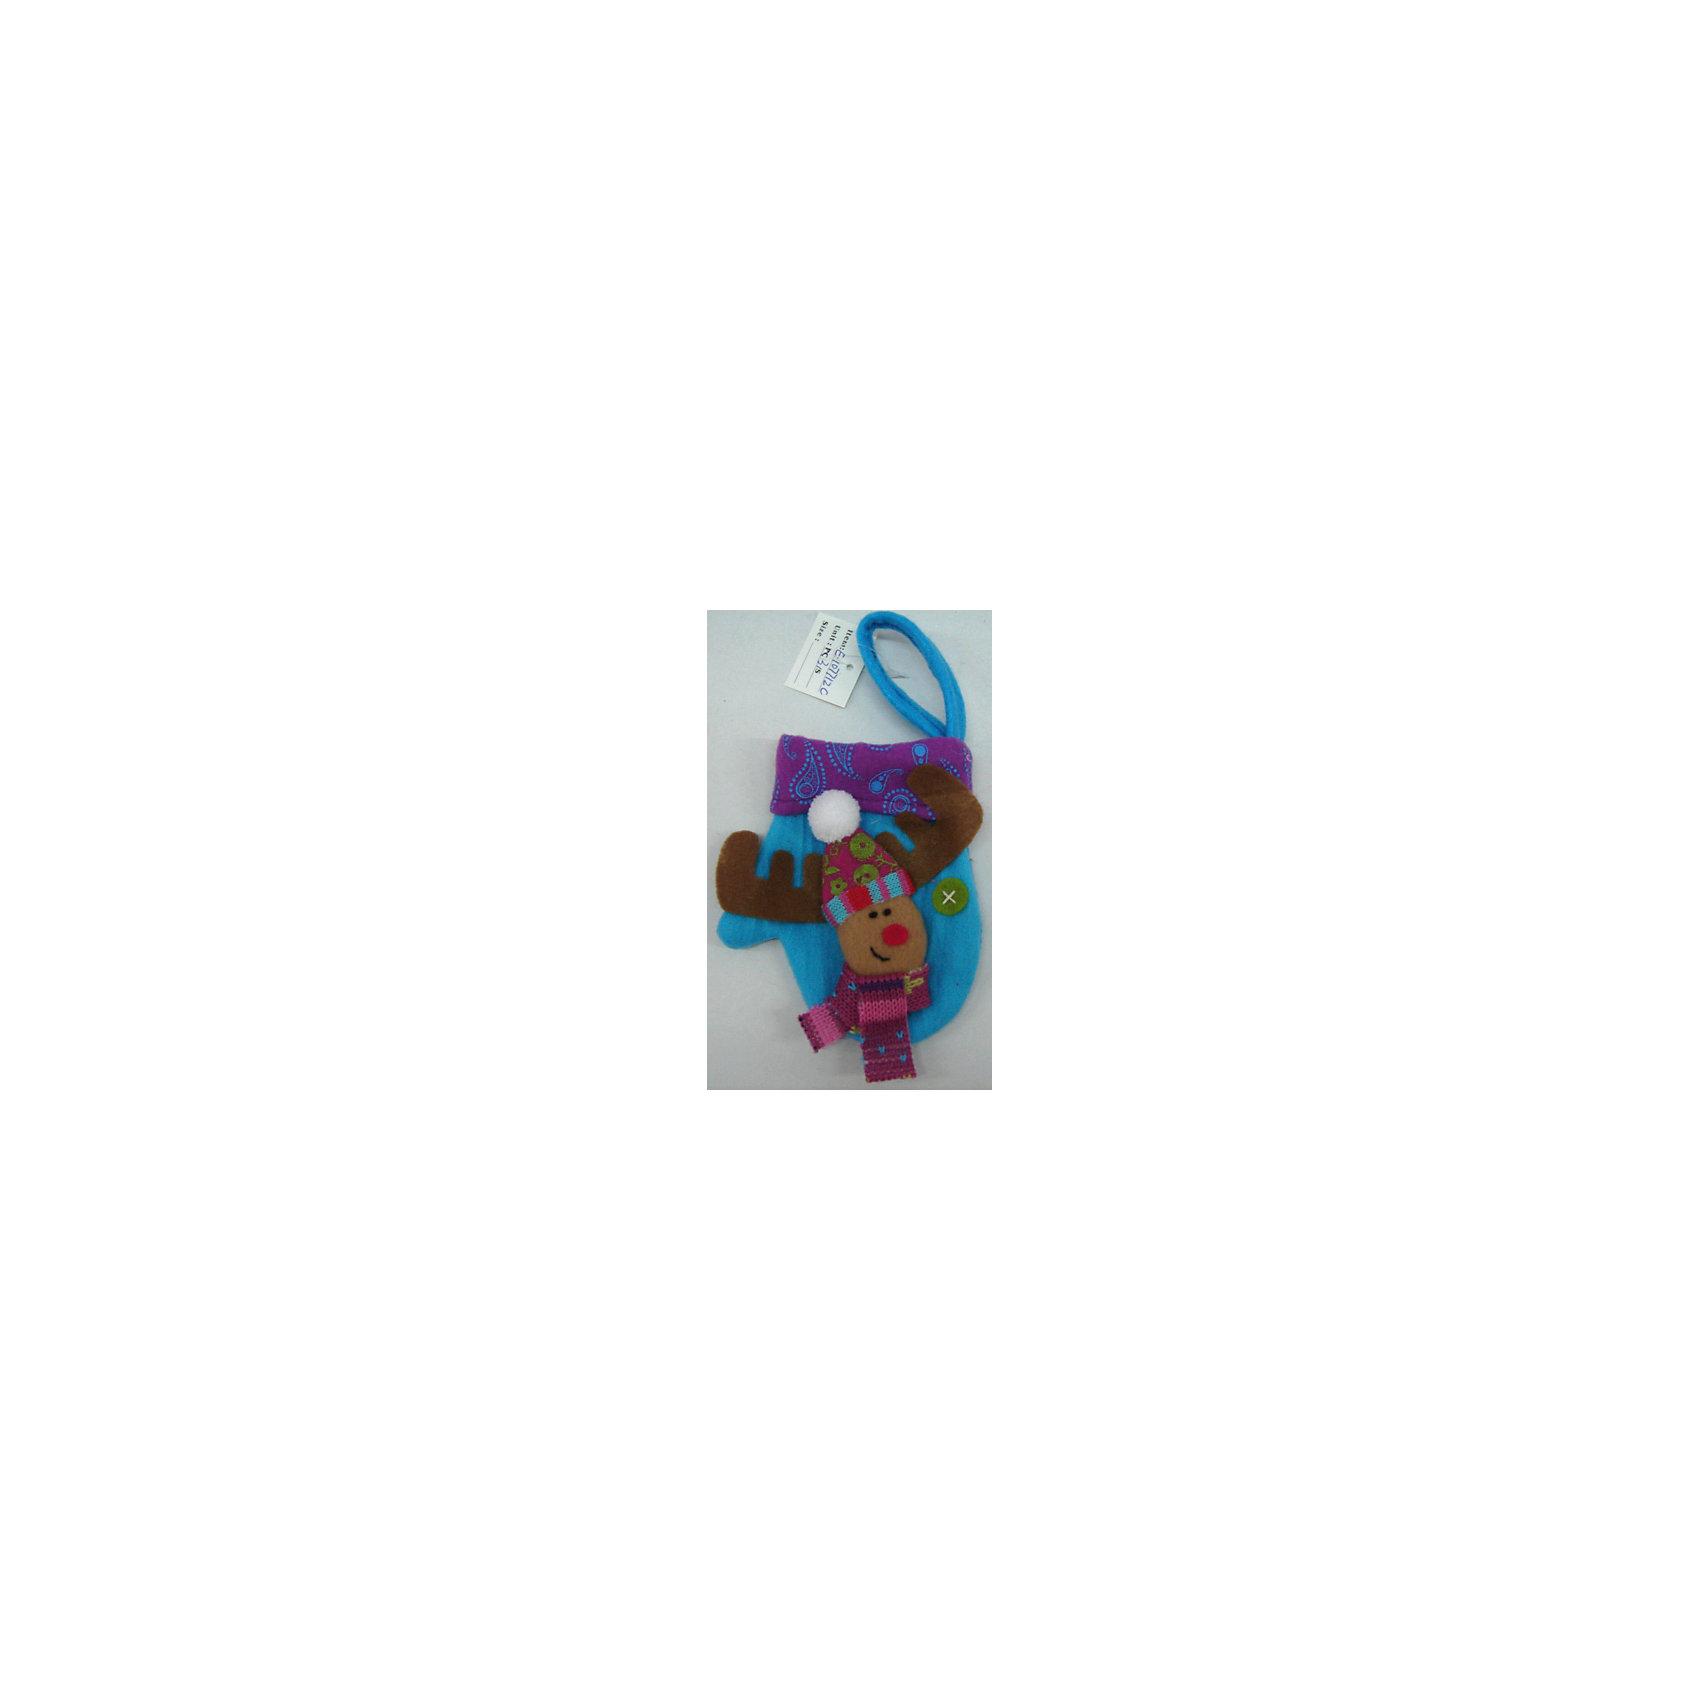 Украшение Варежка, 14 смУкрашение Варежка, Феникс-презент, замечательно украсит Ваш новогодний интерьер или новогоднюю елку и создаст праздничное новогоднее настроение. Украшение выполнено в виде варежки голубого цвета с забавной новогодней аппликацией. Благодаря специальной петельке его можно повесить в любом понравившемся Вам месте.<br><br><br>Дополнительная информация:<br><br>- Материал: полиэстер.<br>- Размер: 11,5 х 2 х 14 см.<br>- Размер упаковки: 13 х 18 х 2 см.<br>- Вес: 29 гр. <br><br>Украшение Варежка, Феникс-презент, можно купить в нашем интернет-магазине.<br><br>Ширина мм: 5<br>Глубина мм: 130<br>Высота мм: 190<br>Вес г: 29<br>Возраст от месяцев: 36<br>Возраст до месяцев: 2147483647<br>Пол: Унисекс<br>Возраст: Детский<br>SKU: 4274649